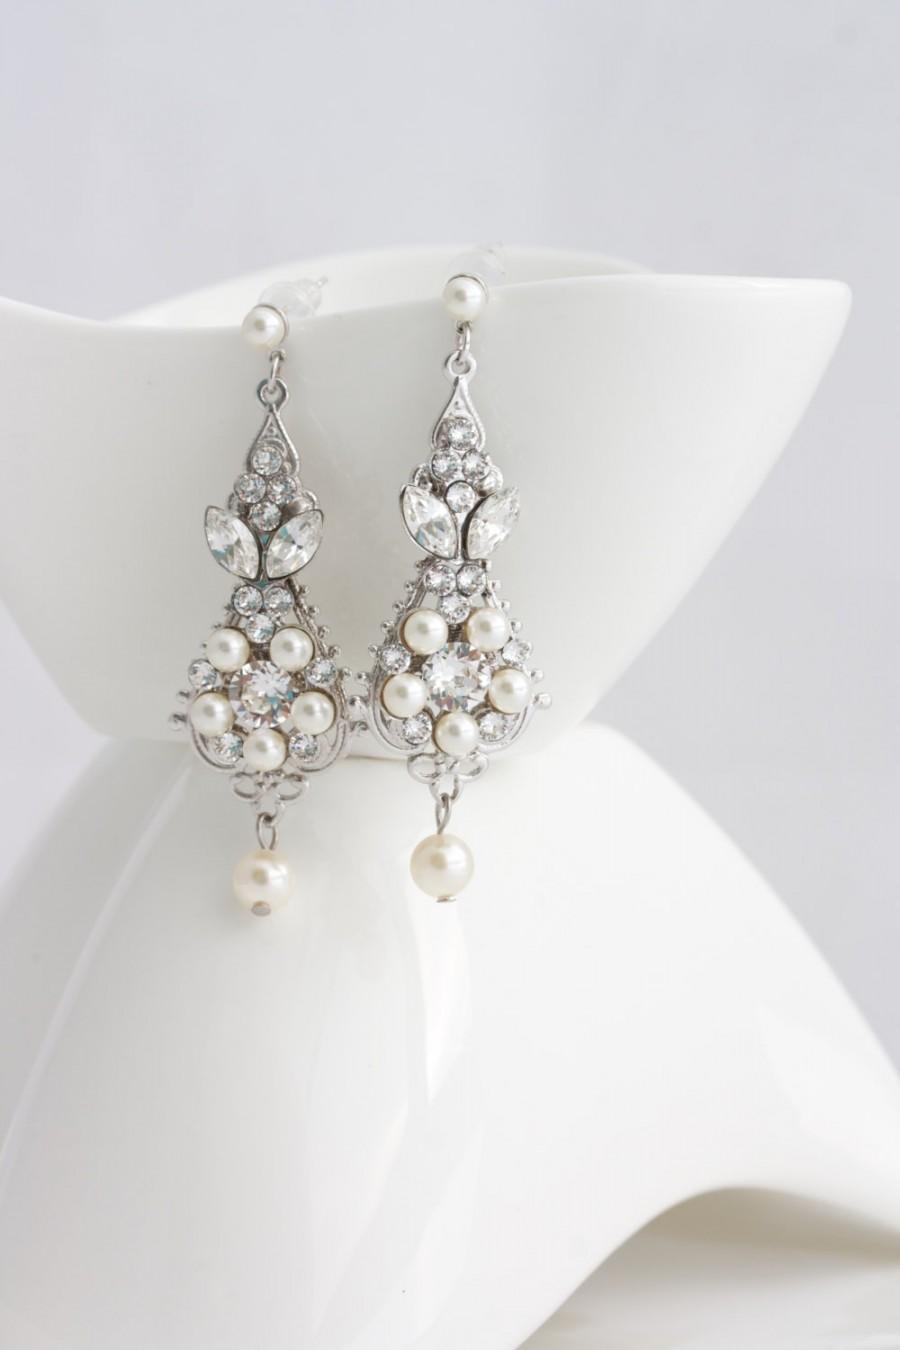 Pearl And Crystal Wedding Earrings Vintage Bridal Earrings Small Chandelier Earrings Wedding